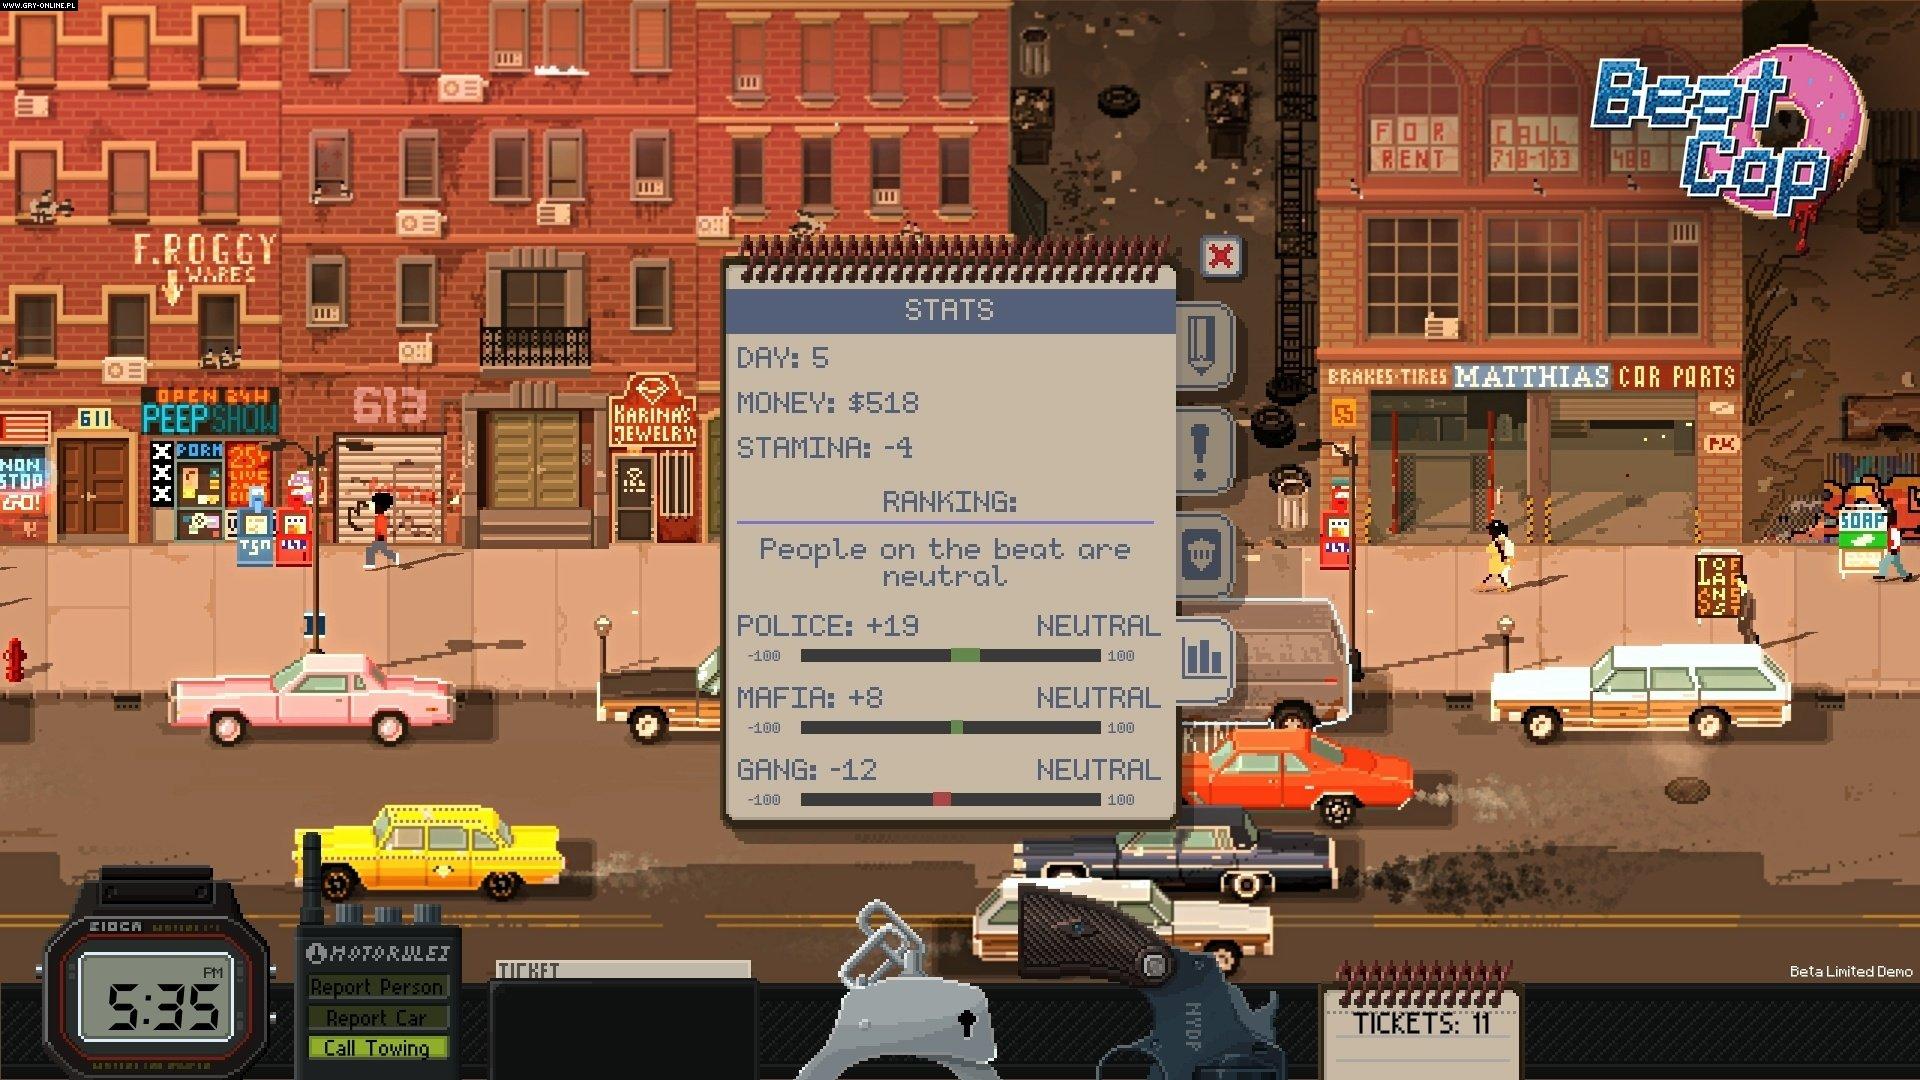 Beat Cop PC Games Image 4/16, Pixel Crow, 11 bit studios